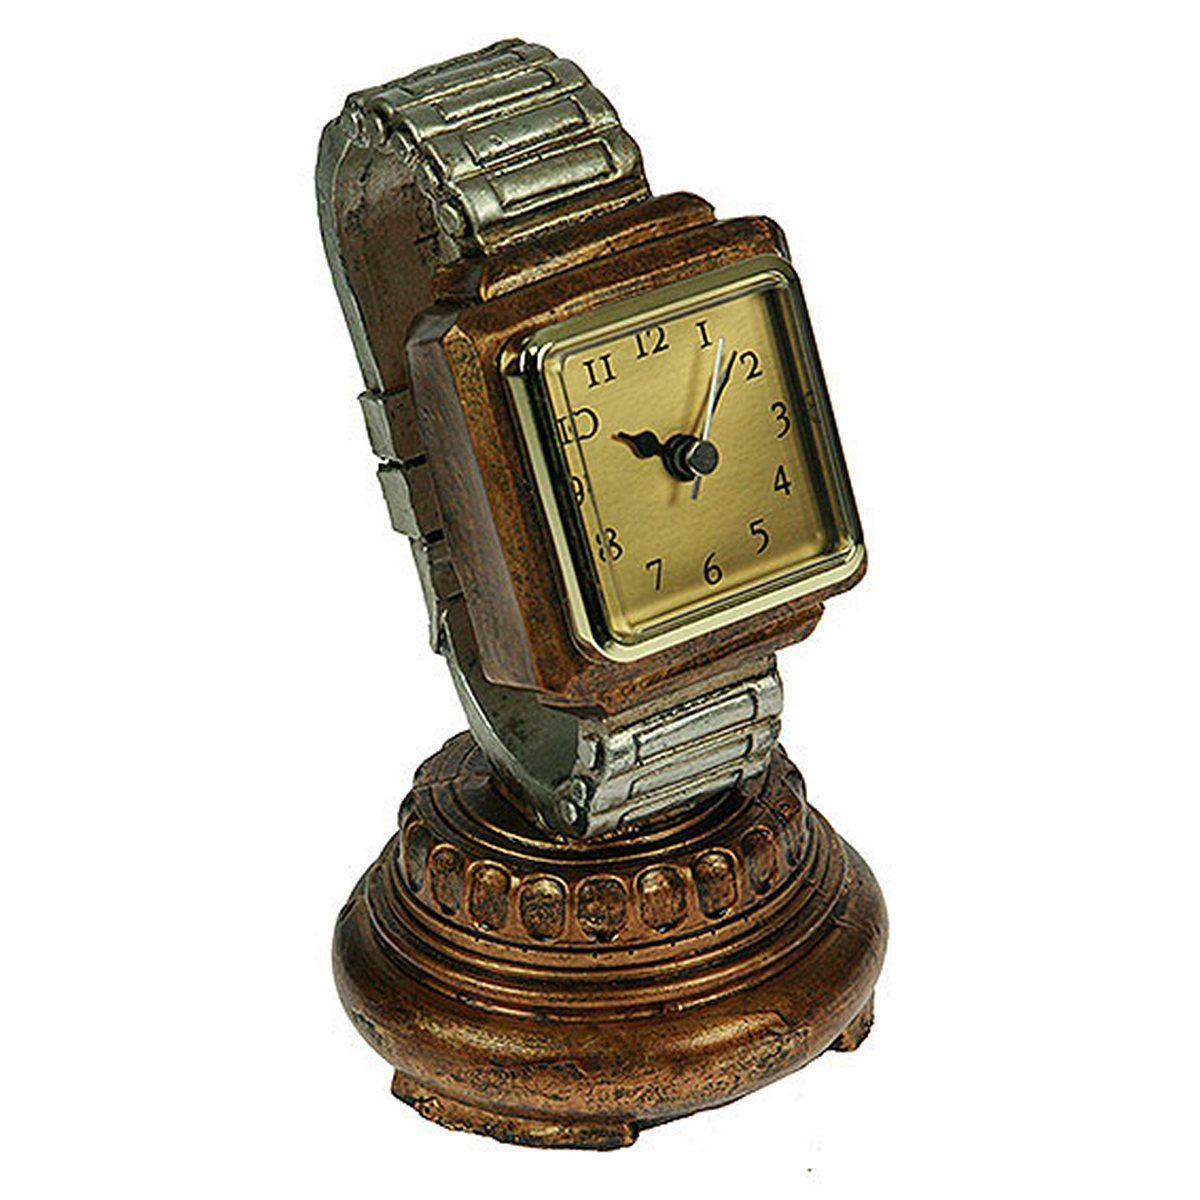 Часы настольные Русские Подарки, 20 х 10 см. 2851394672Настольные кварцевые часы Русские Подарки изготовлены из полистоуна,циферблат защищен стеклом. Часы имеют три стрелки - часовую, минутную и секундную.Такие часы красиво и необычно оформят интерьер дома или рабочий стол в офисе. Также часы могут стать уникальным, полезным подарком для родственников, коллег, знакомых и близких.Часы работают от батареек типа АА (в комплект не входят).